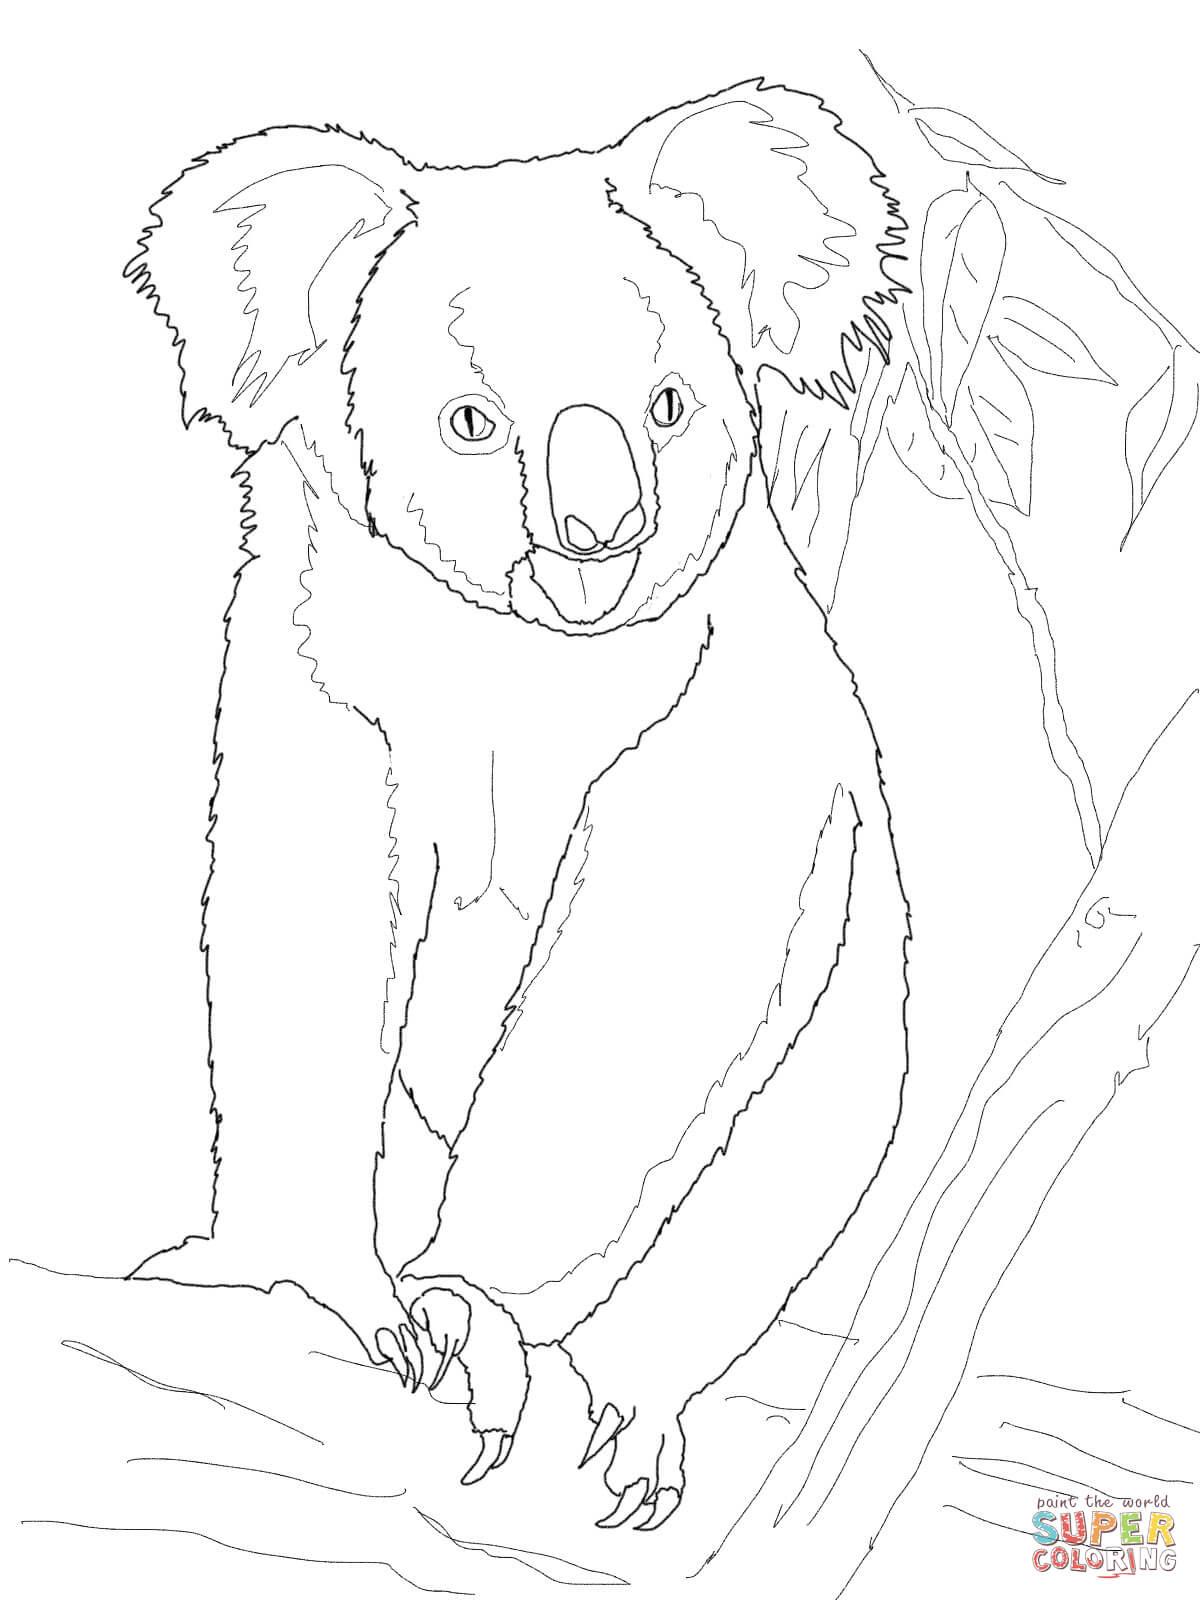 Ausmalbild: Koala Auf Einem Baum | Ausmalbilder Kostenlos ganzes Koala Ausmalbild